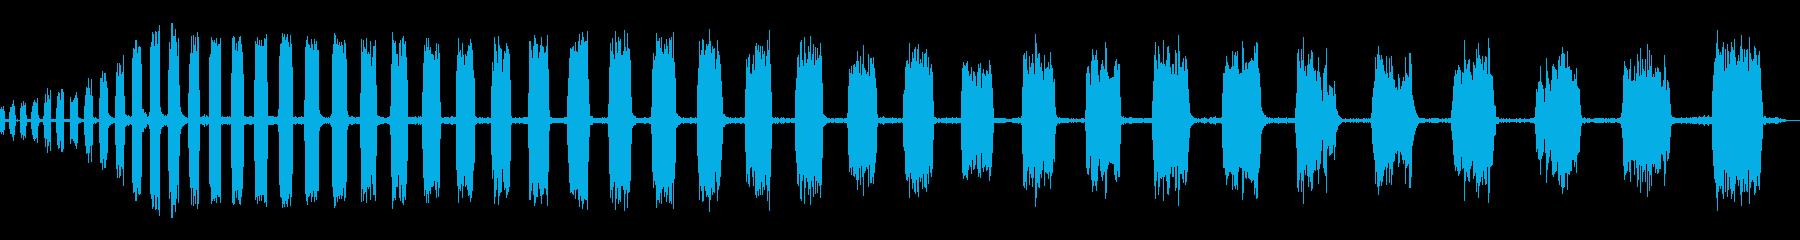 チャッターブレーキのスクラッピングの再生済みの波形